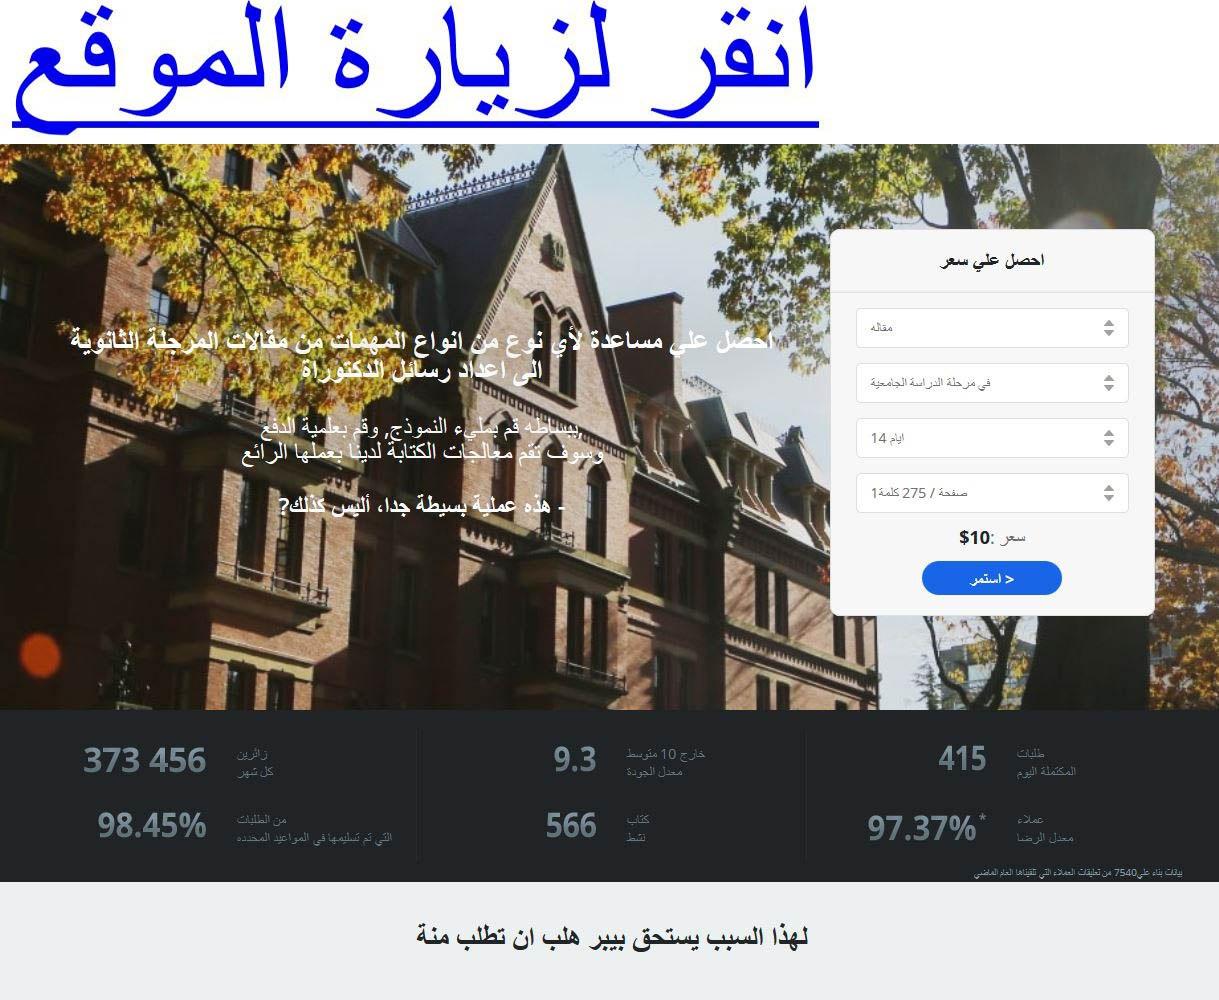 صورة الكتابة على الصور بالعربي بدون تحميل , اسهل طريقه الكتابه علي الصور